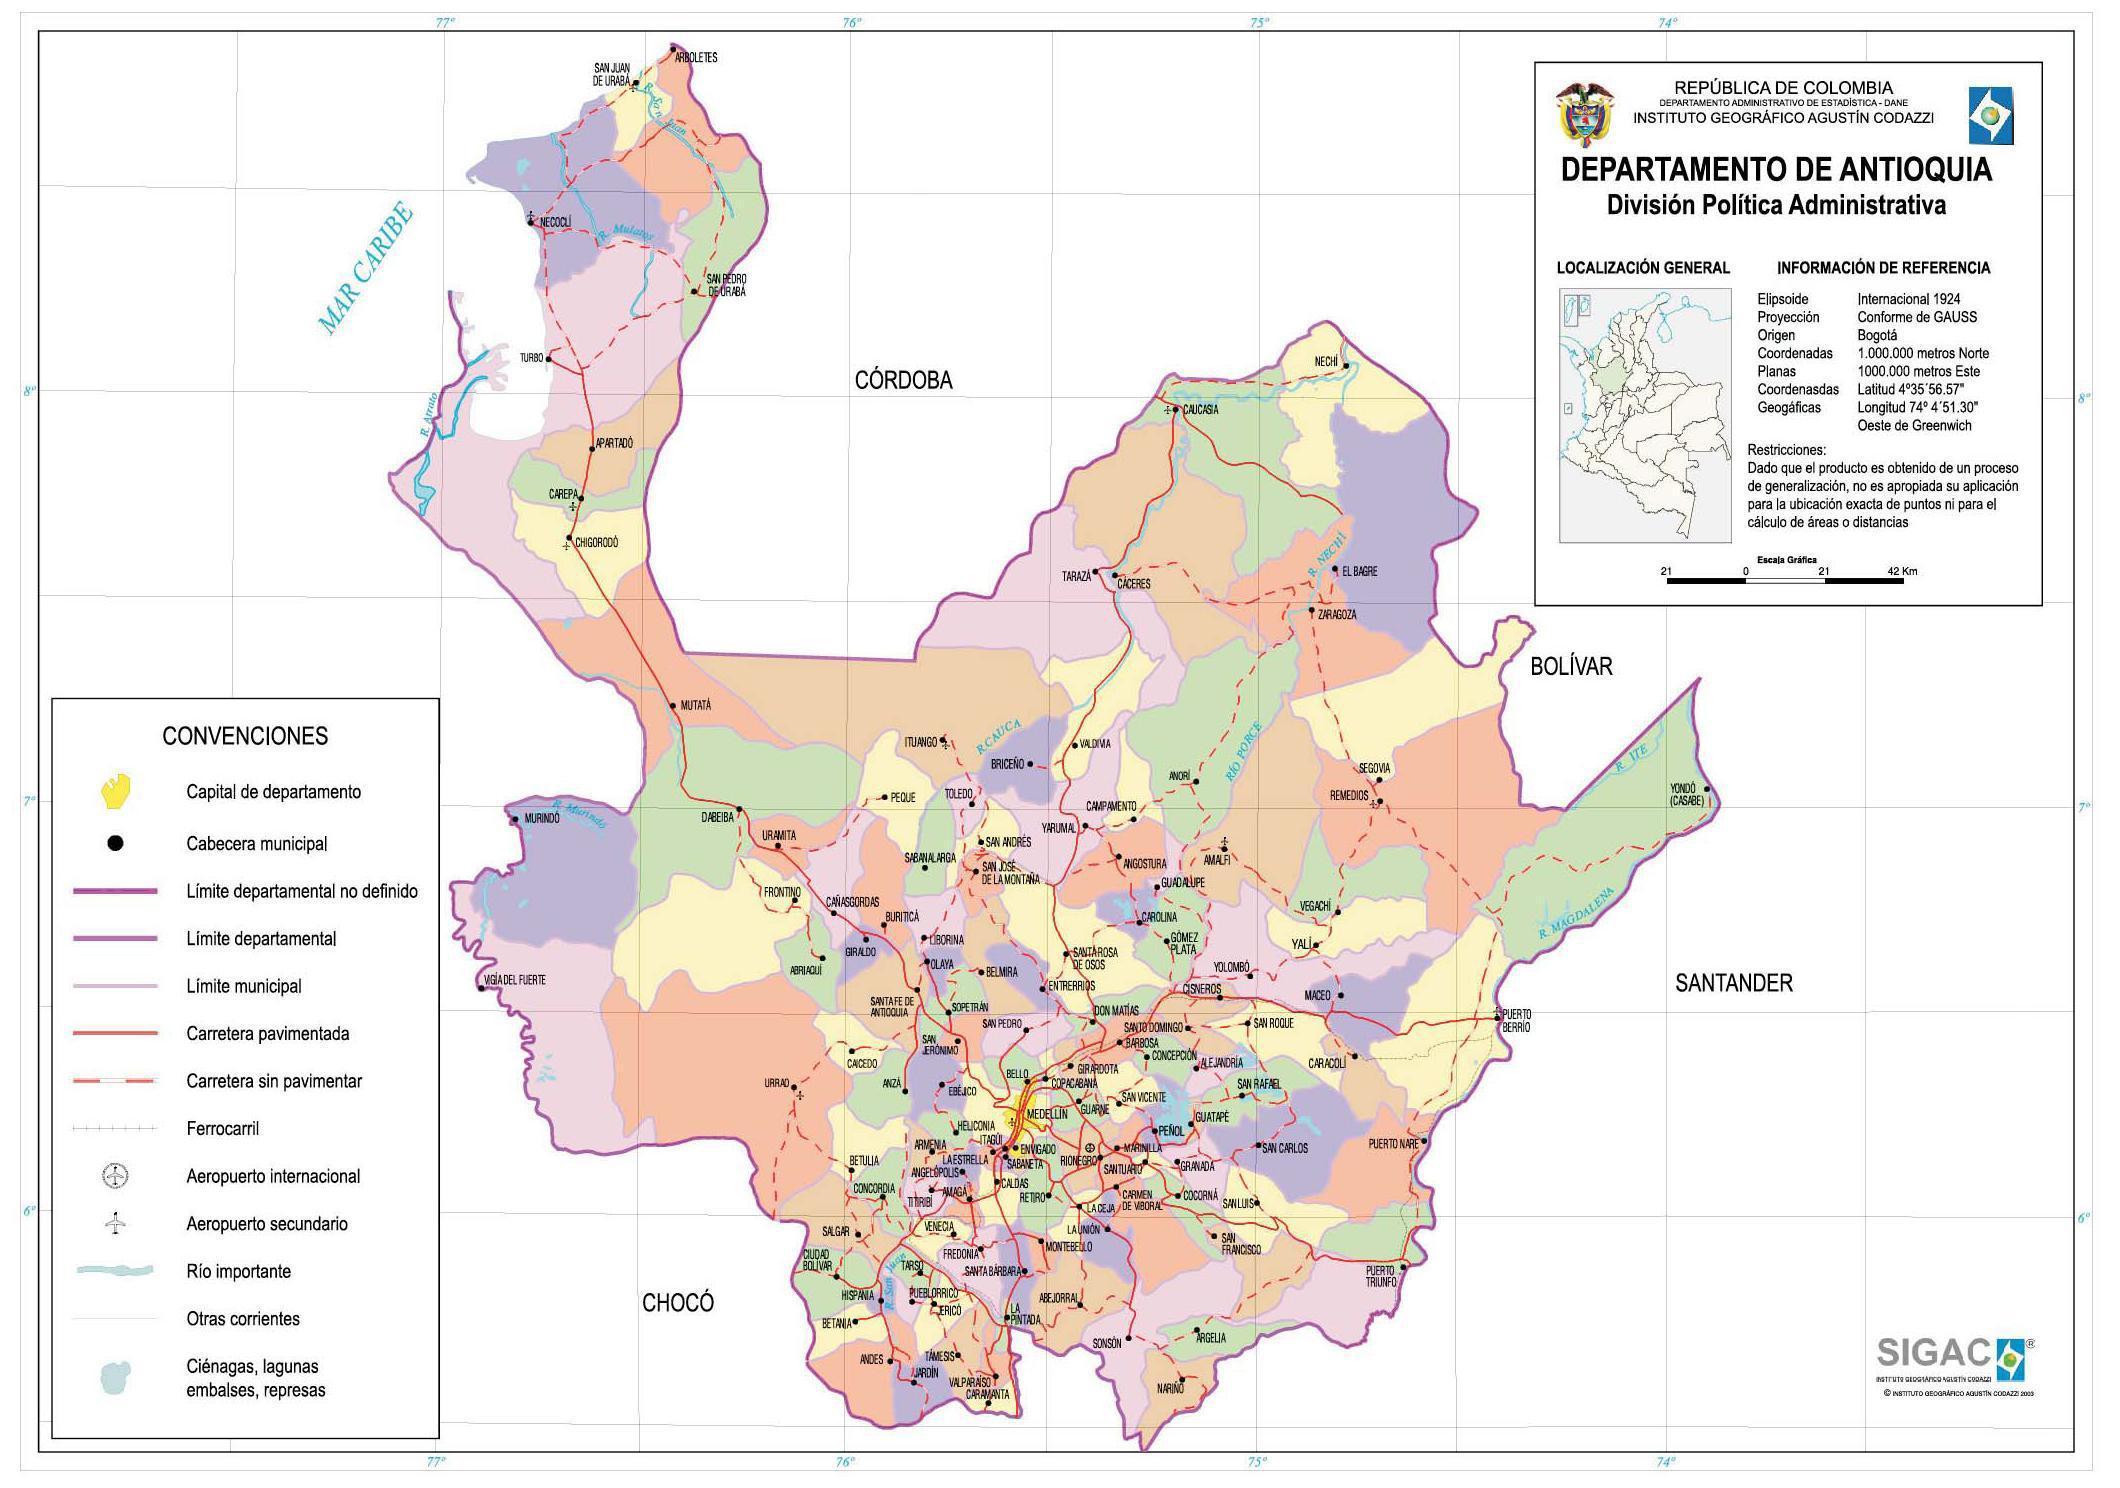 Mapa del Departamento de Antioquia, Colombia